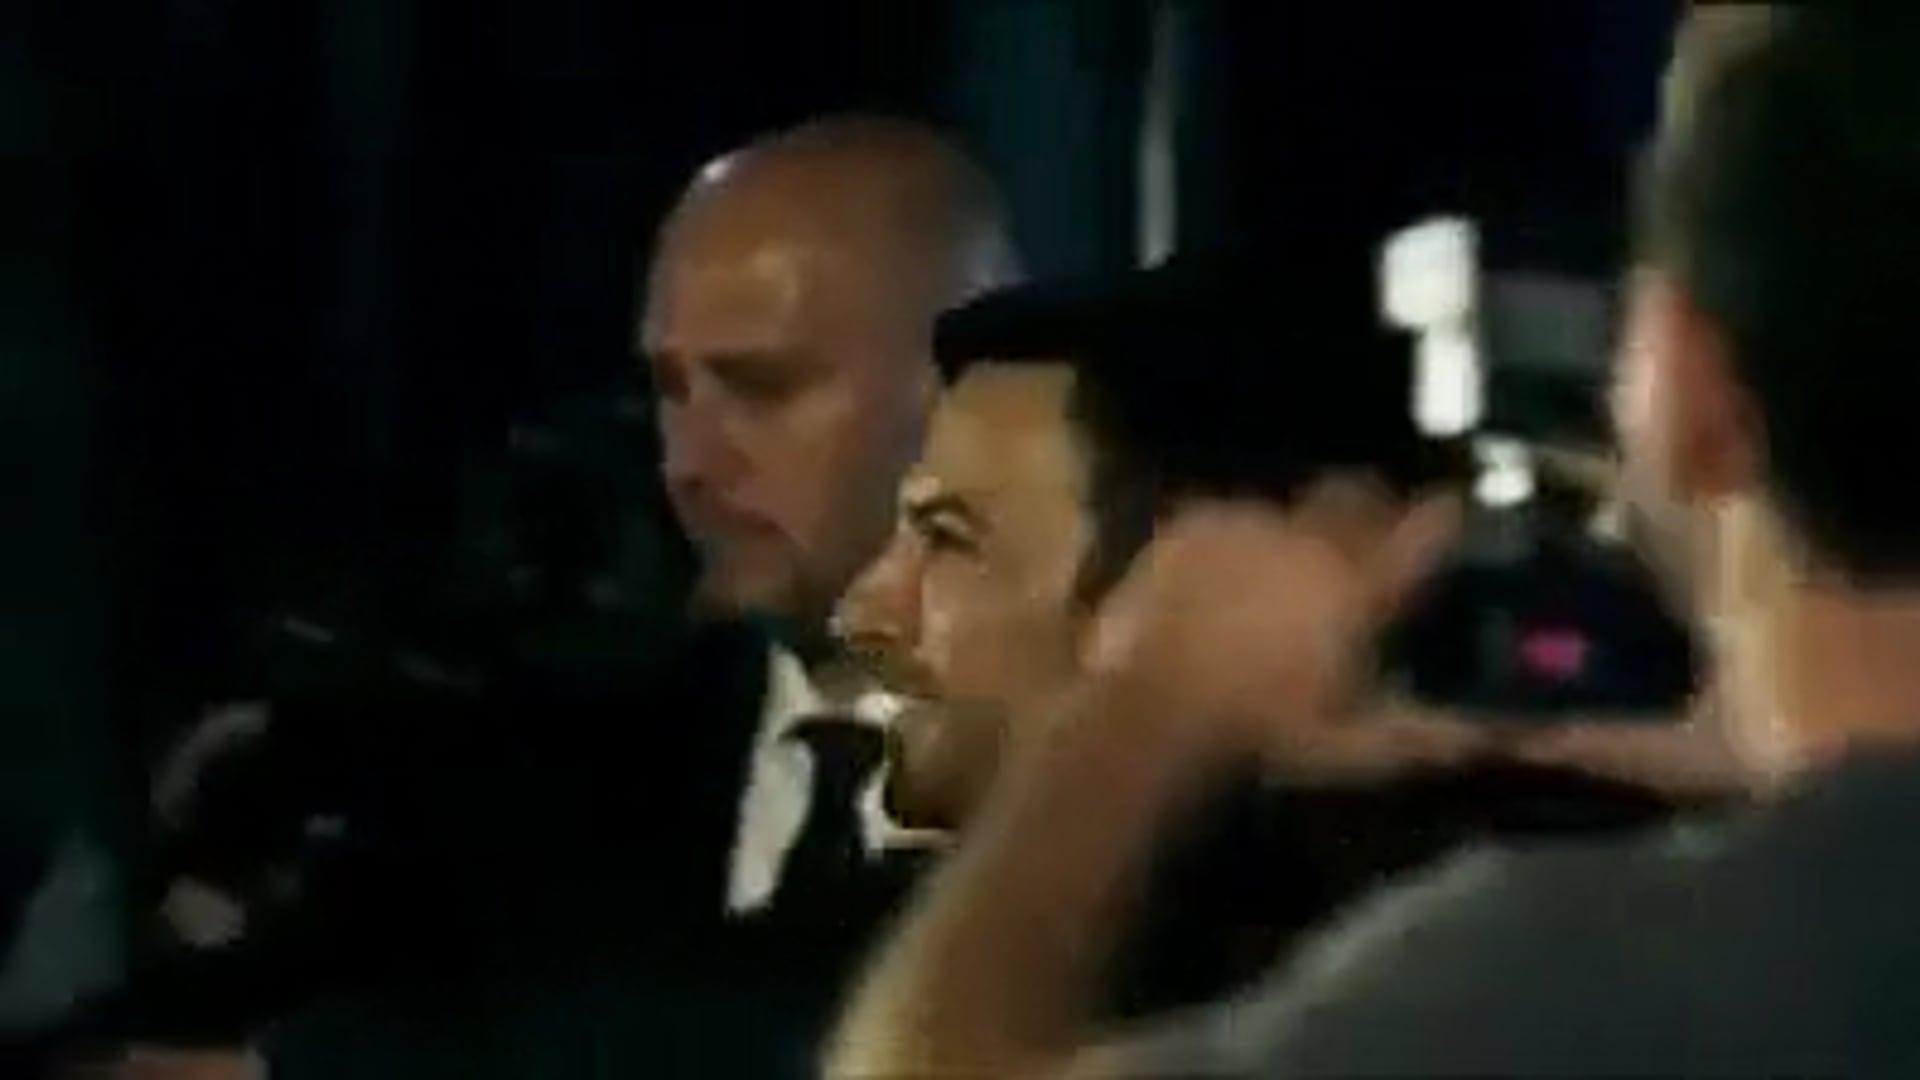 Nadir Bekar - Tarkan (Music Video from 03:11 )